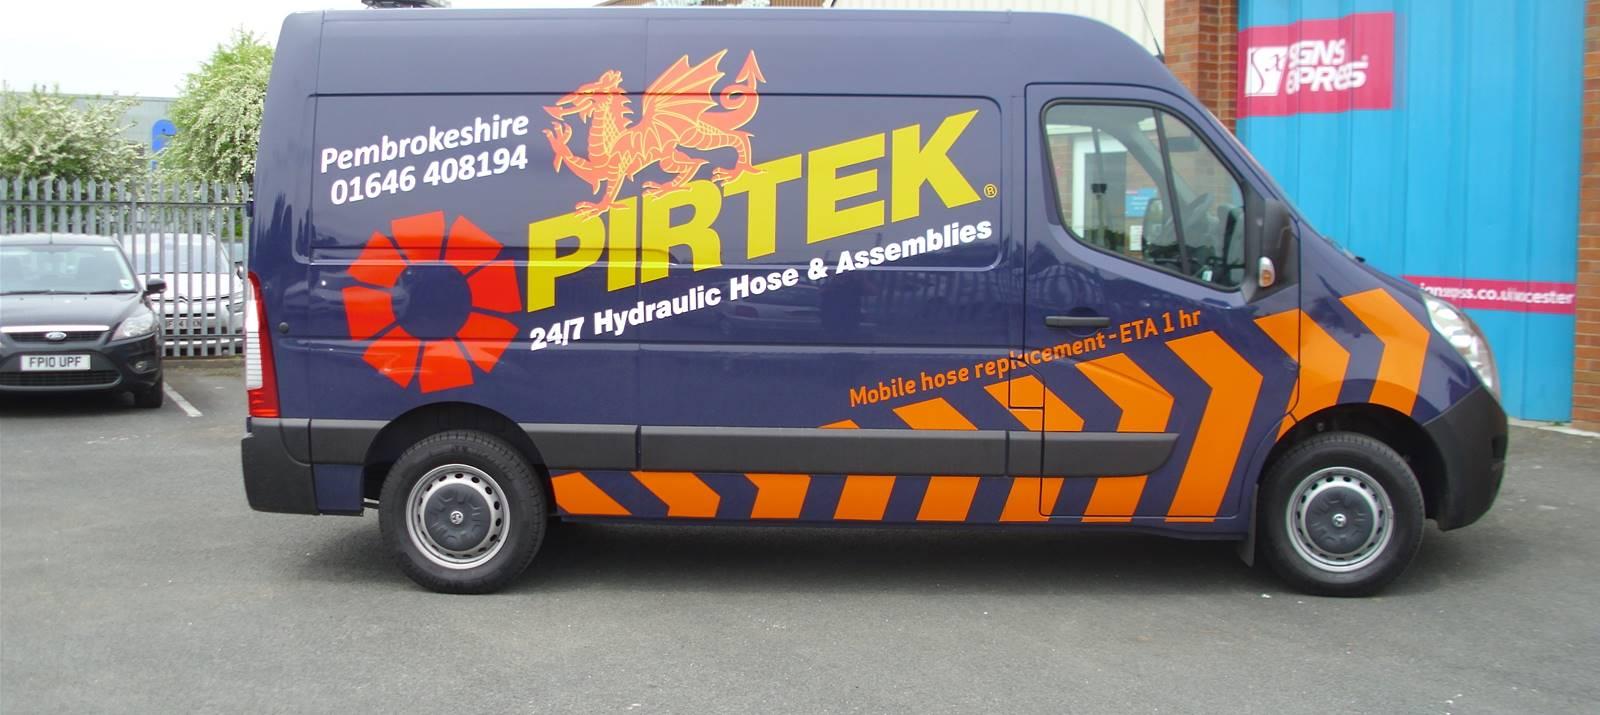 Van & Vehicle graphics